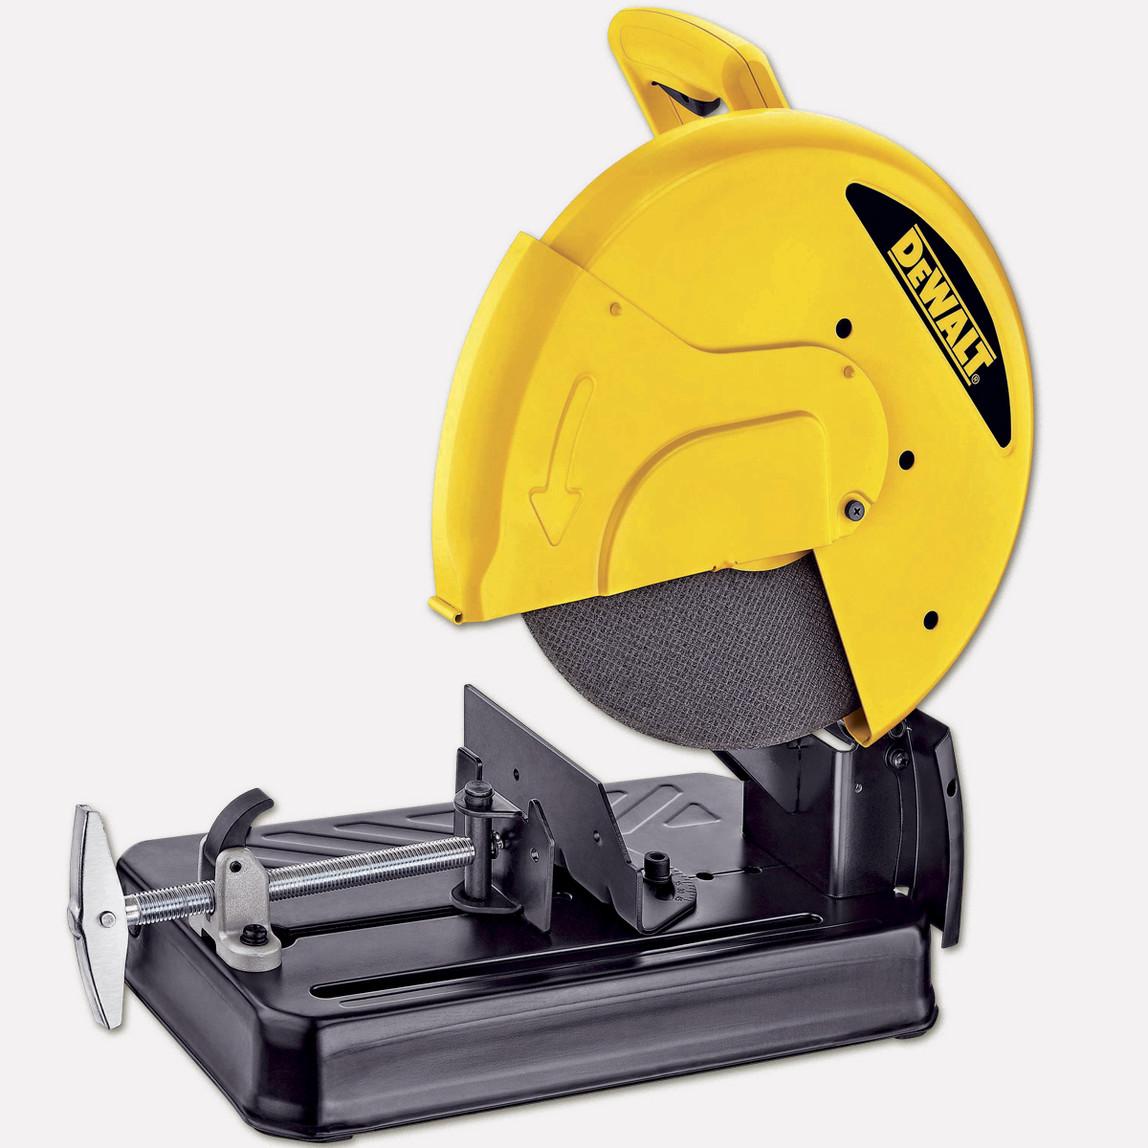 Dewalt D28730 2200W 355 mm Profil Kesme Makinesi